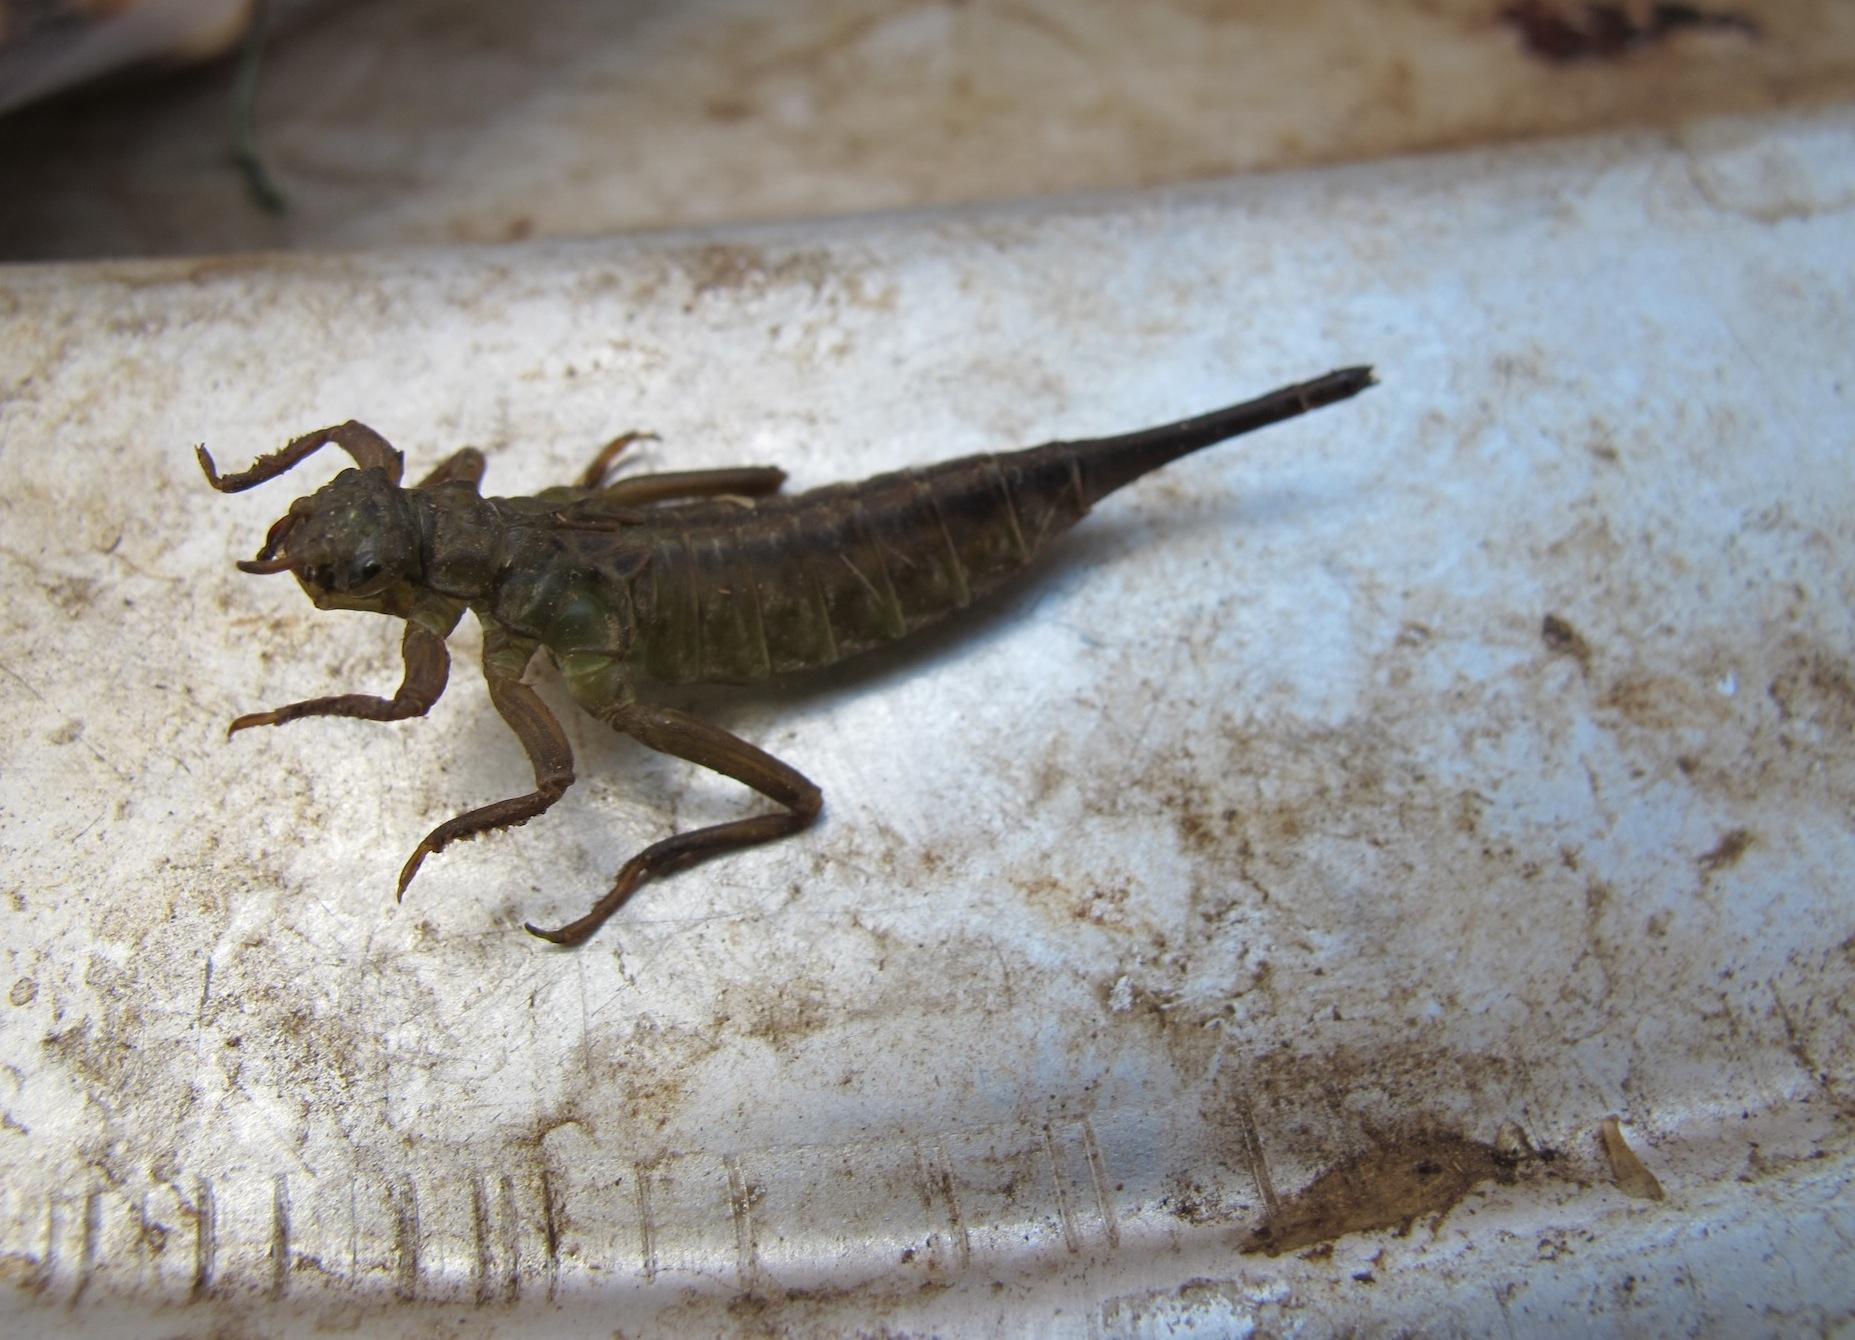 Aquatic insect in a Lao market